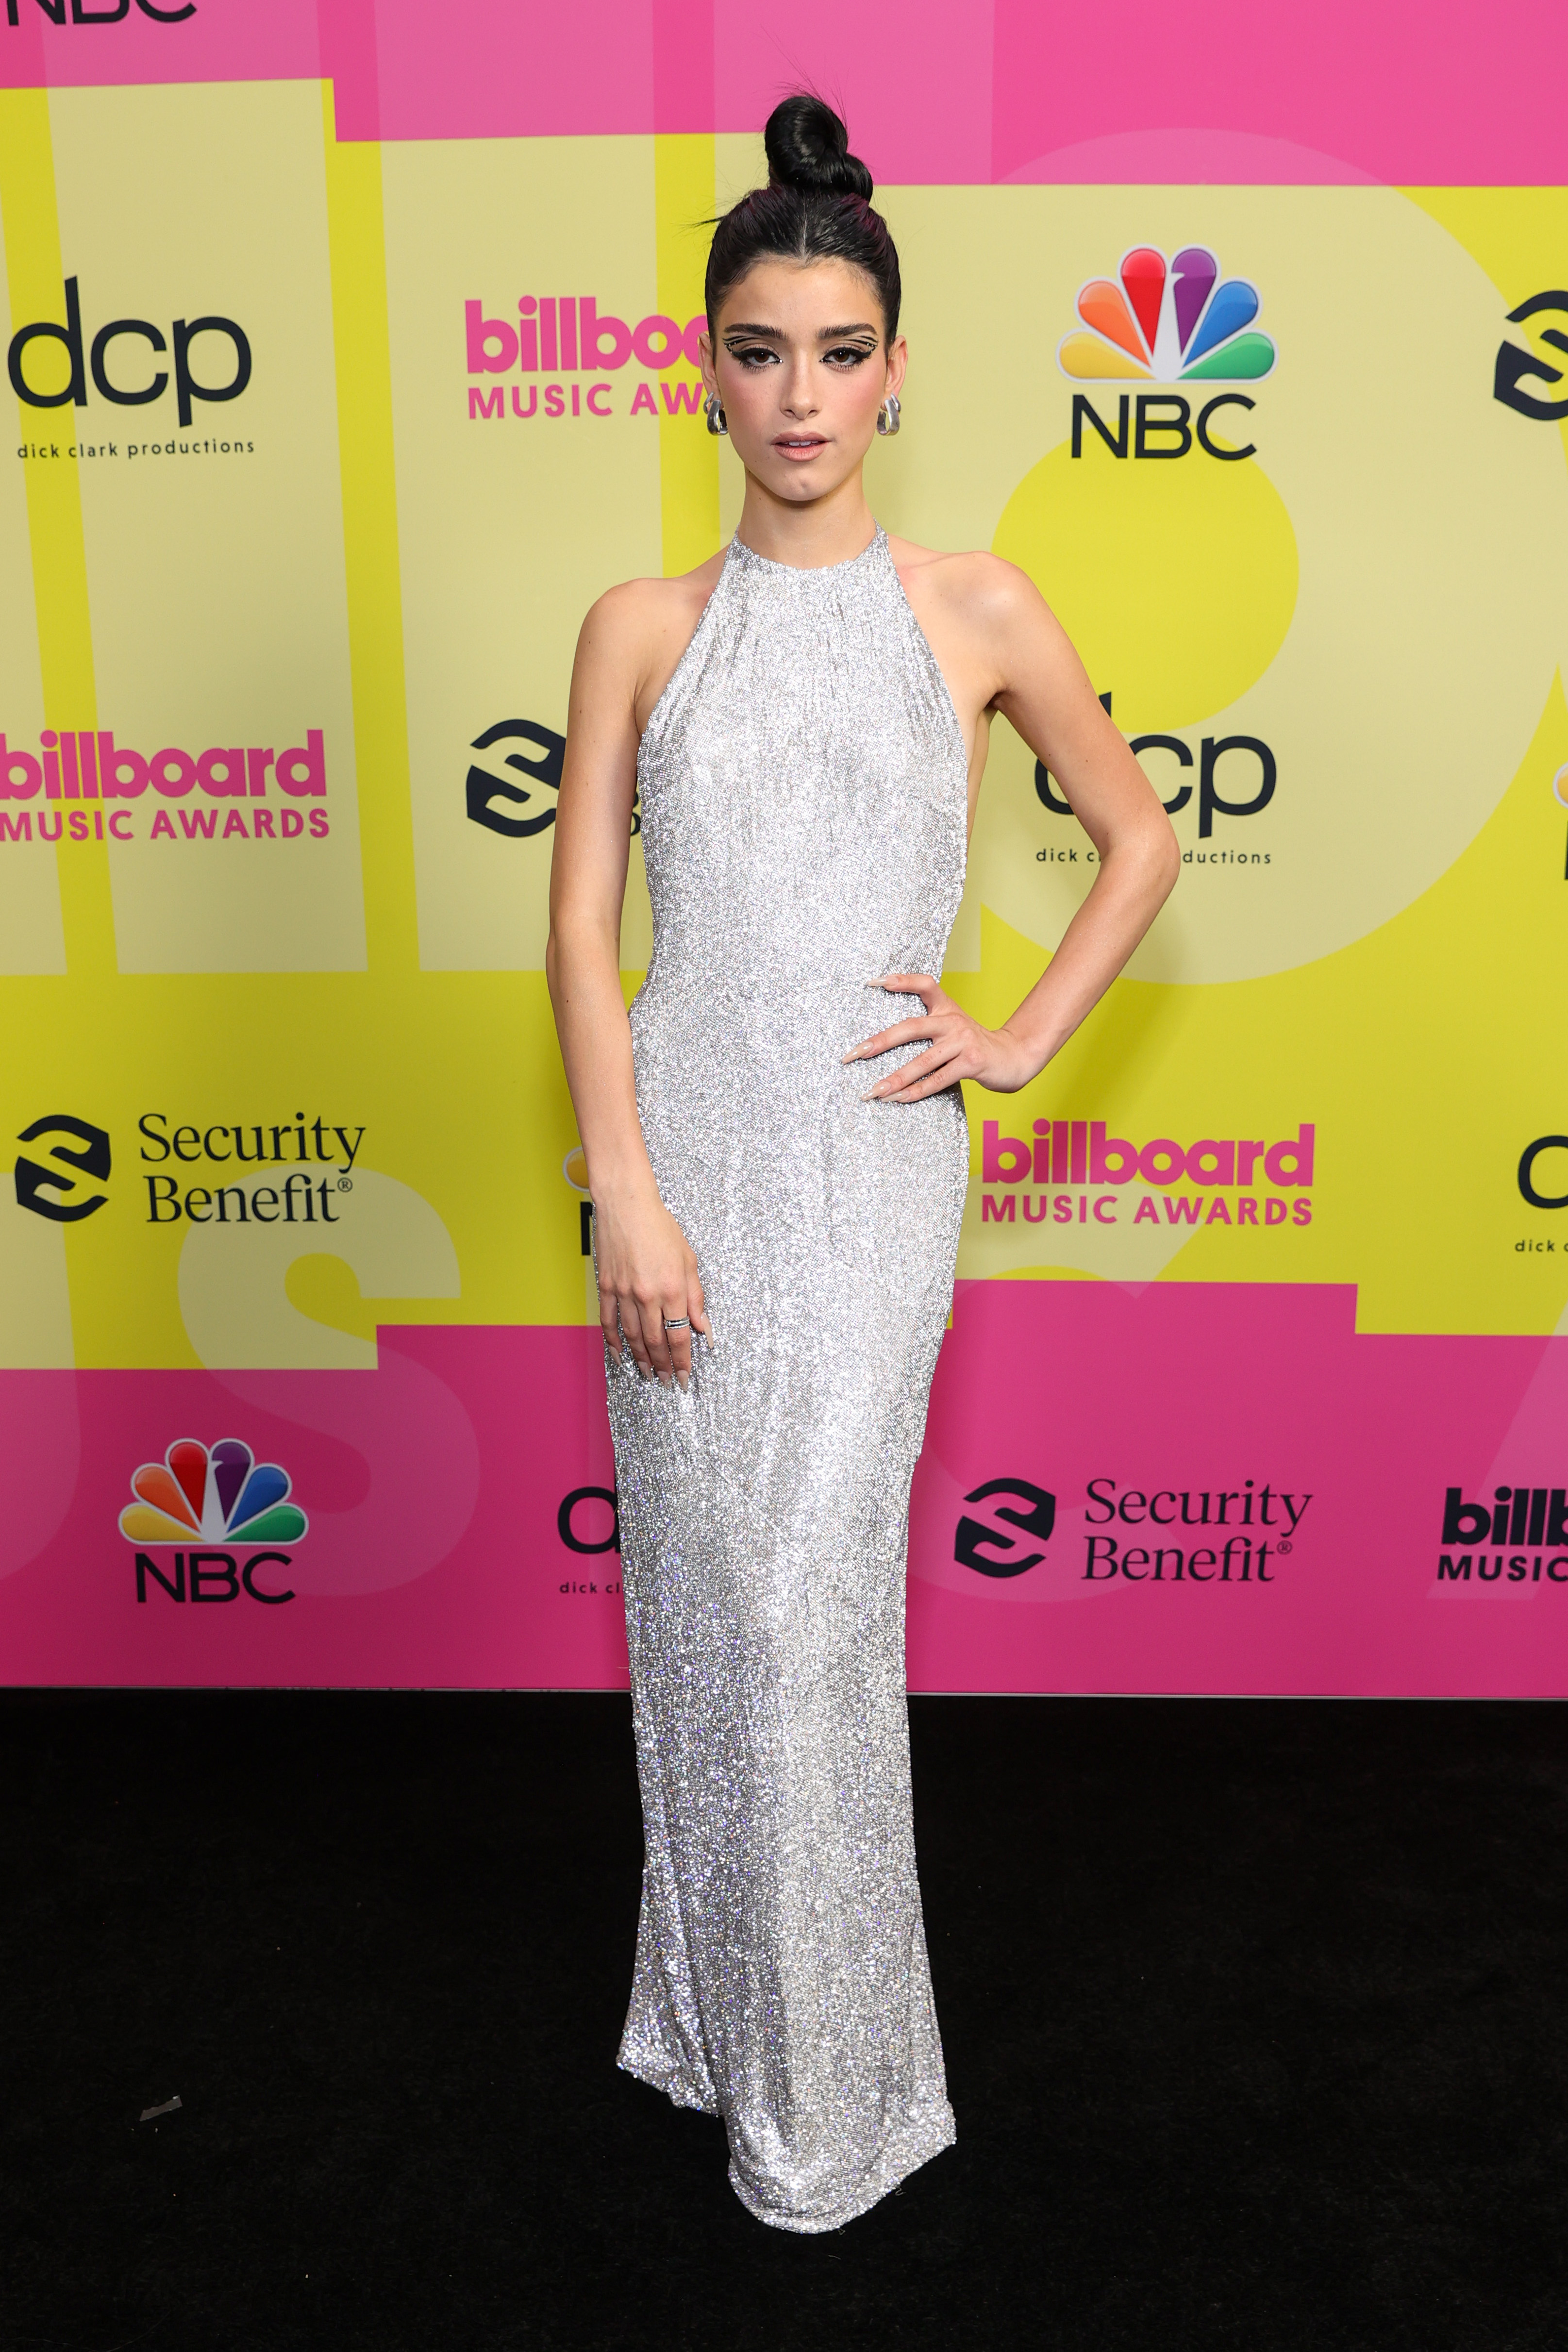 Dixie D'Amelio no Billboard Music Awards 2021. Ela está usando um vestido longo prateado, um penteado com coque e maquiagem com delineado grácio. Sua expressão facial é séria e uma das mãos está na cintura.